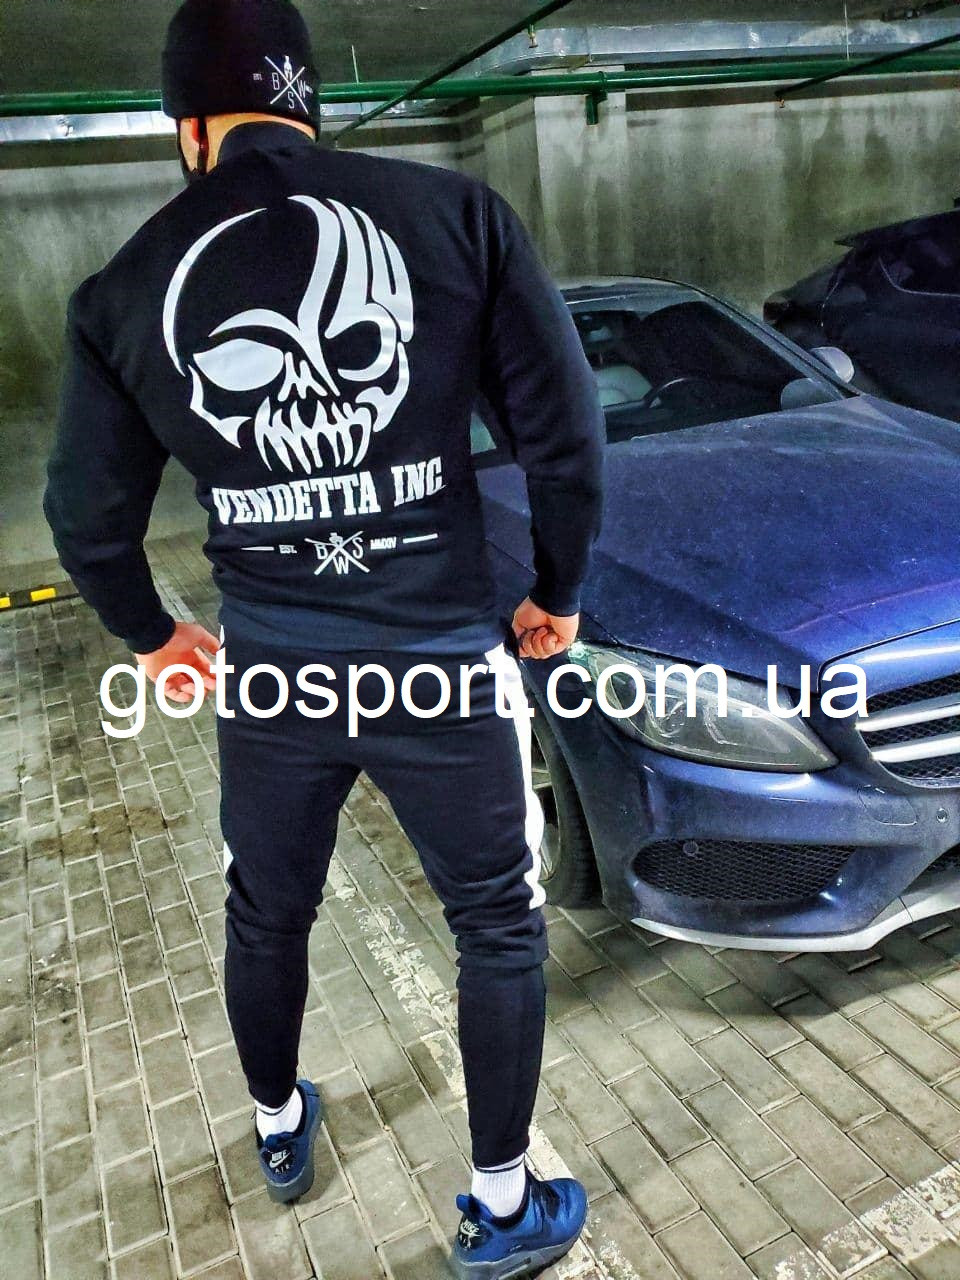 Зимний мужской спортивный костюм Vendetta